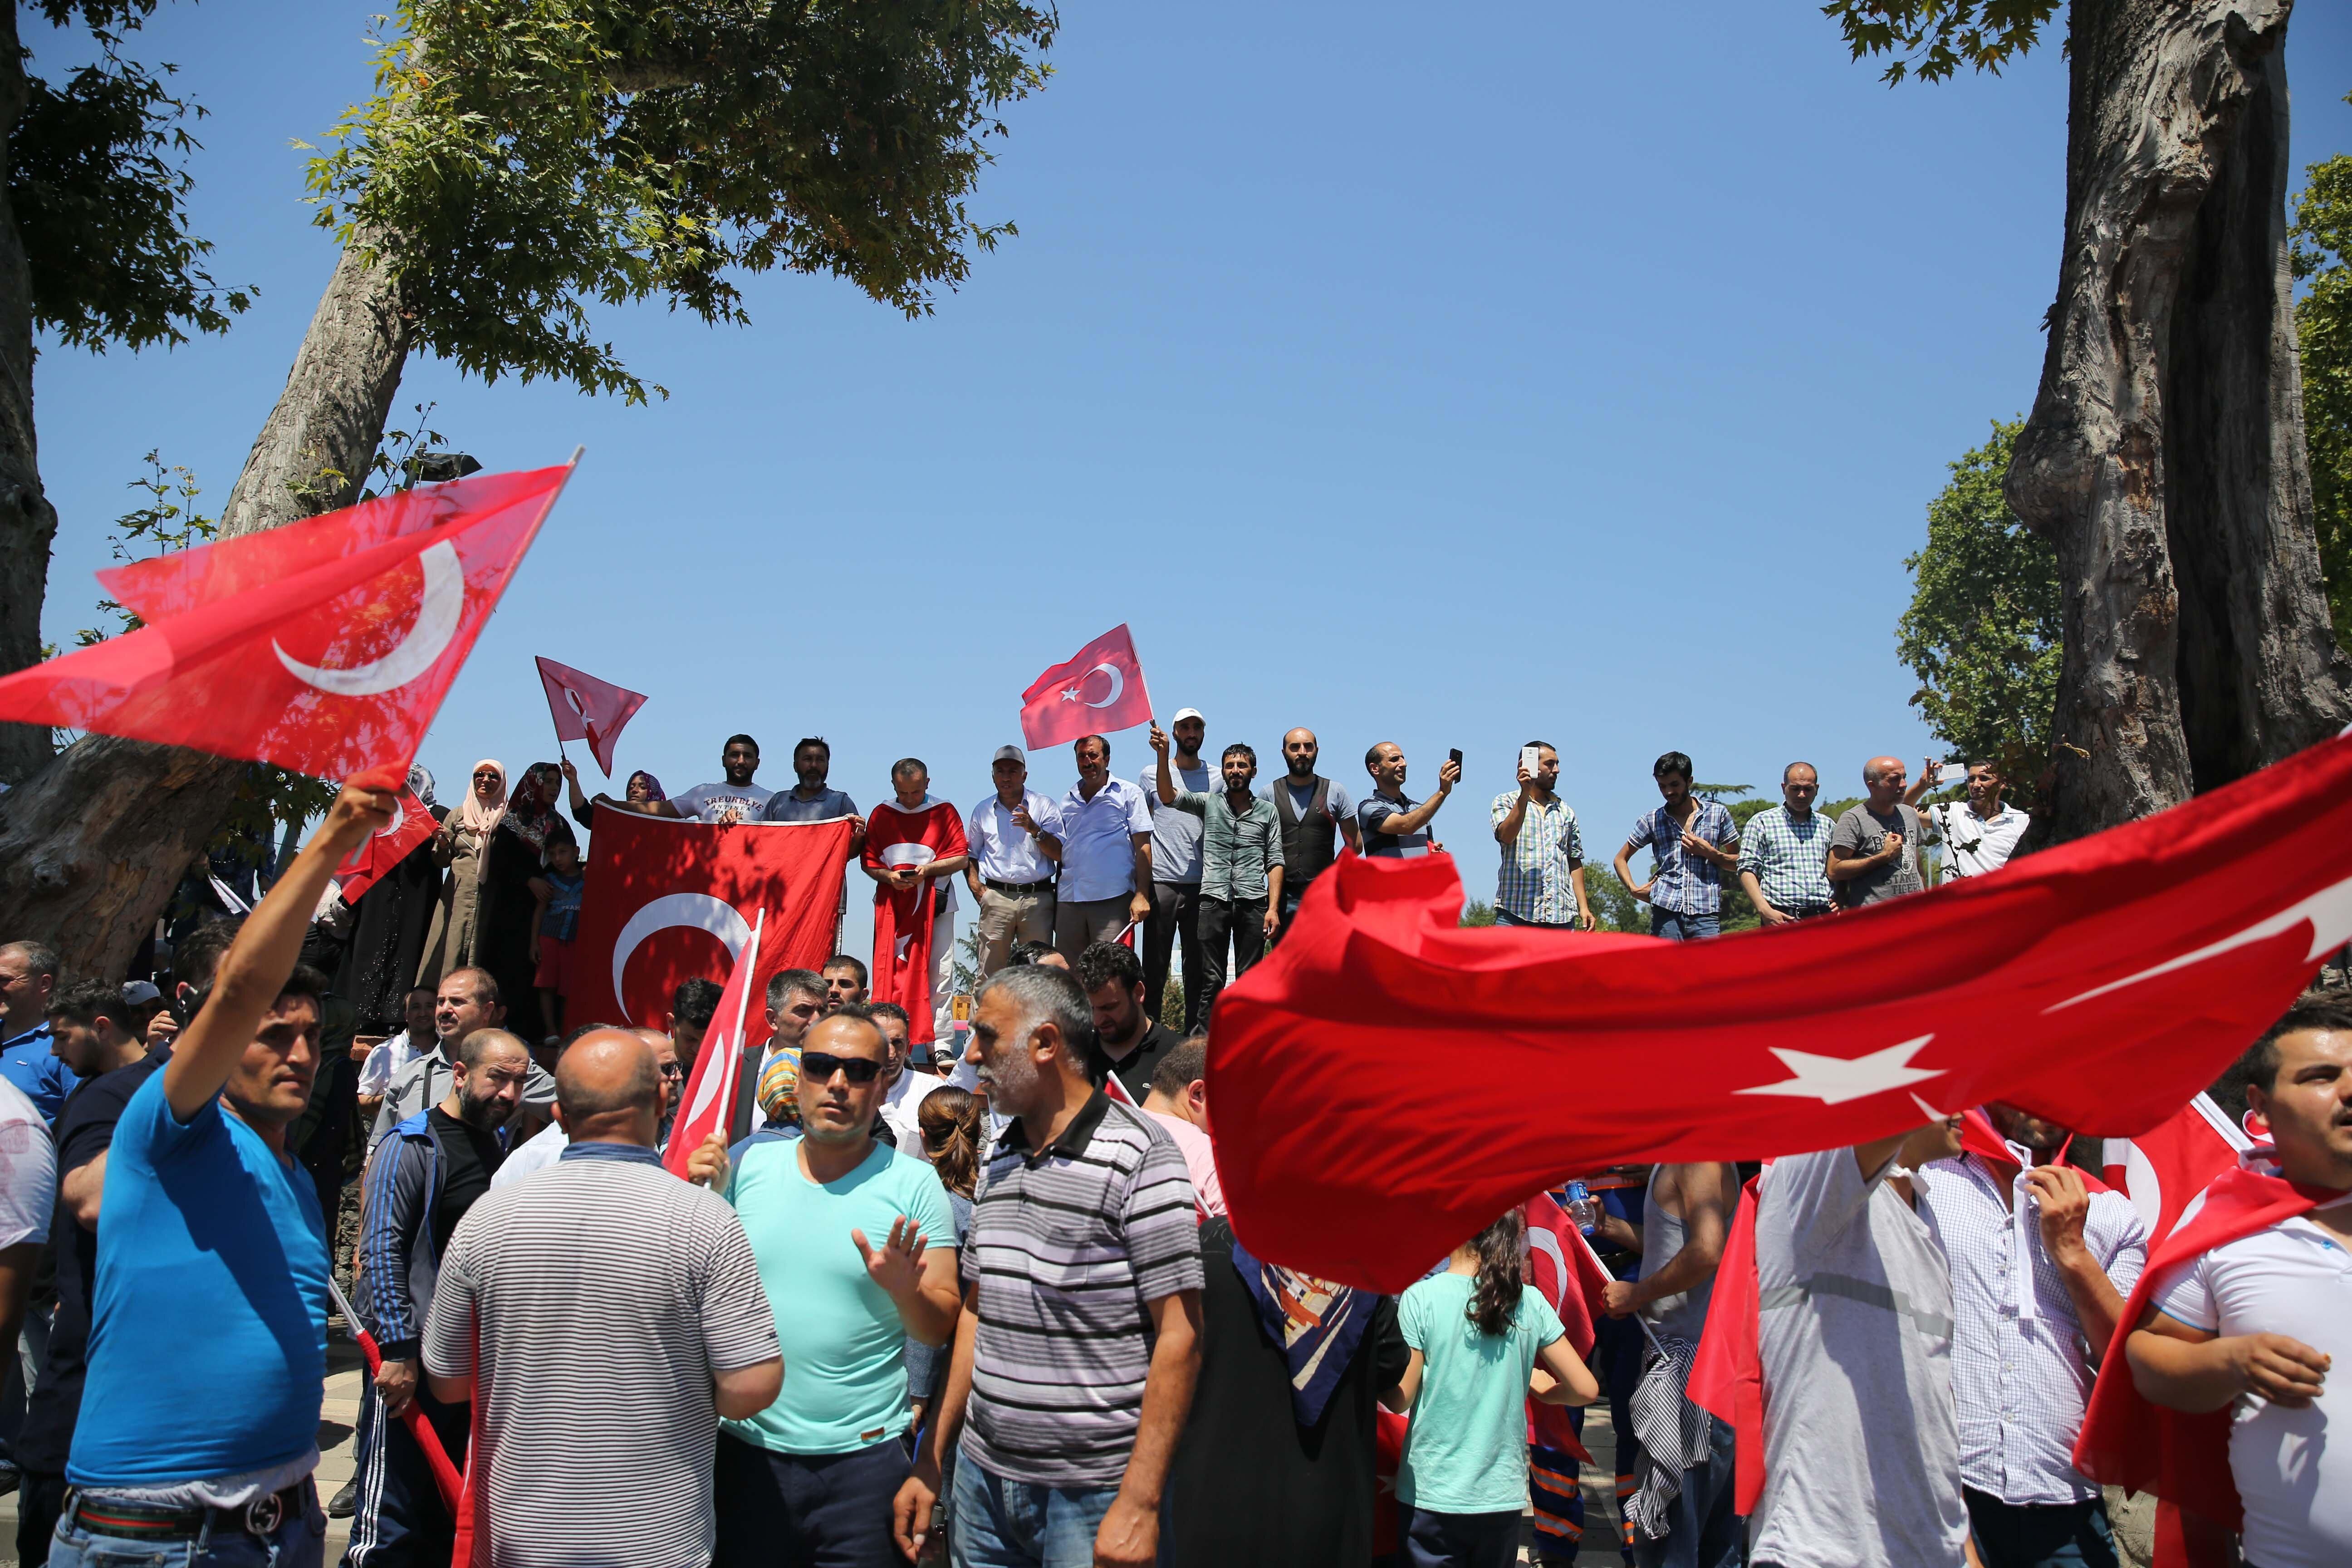 Vatandaşlar ellerinde Türk bayraklarıyla bekliyor.